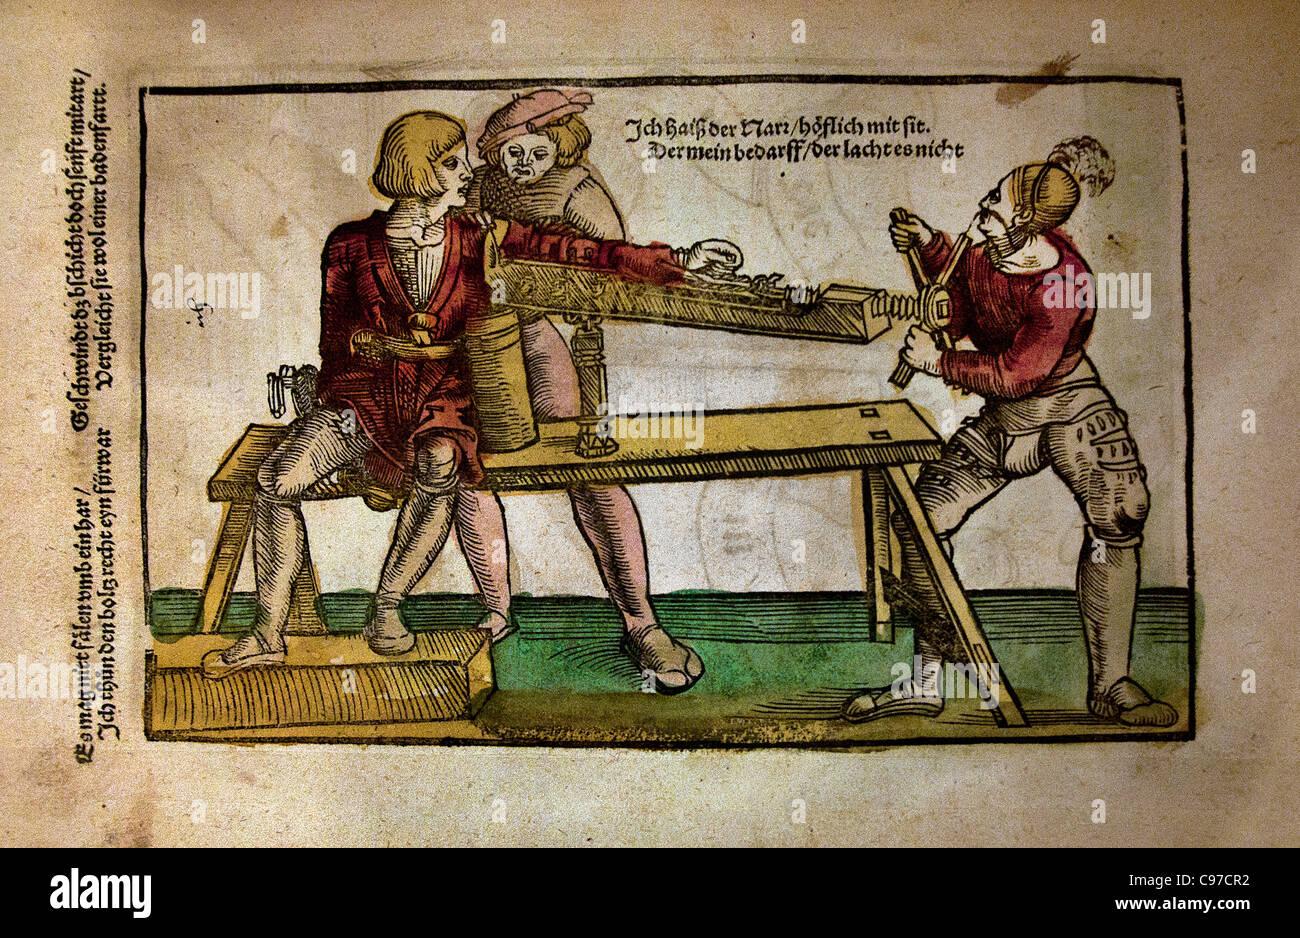 Hans von Gersdorff 1529 surgeon  Field book of wound surgery German Germany - Stock Image